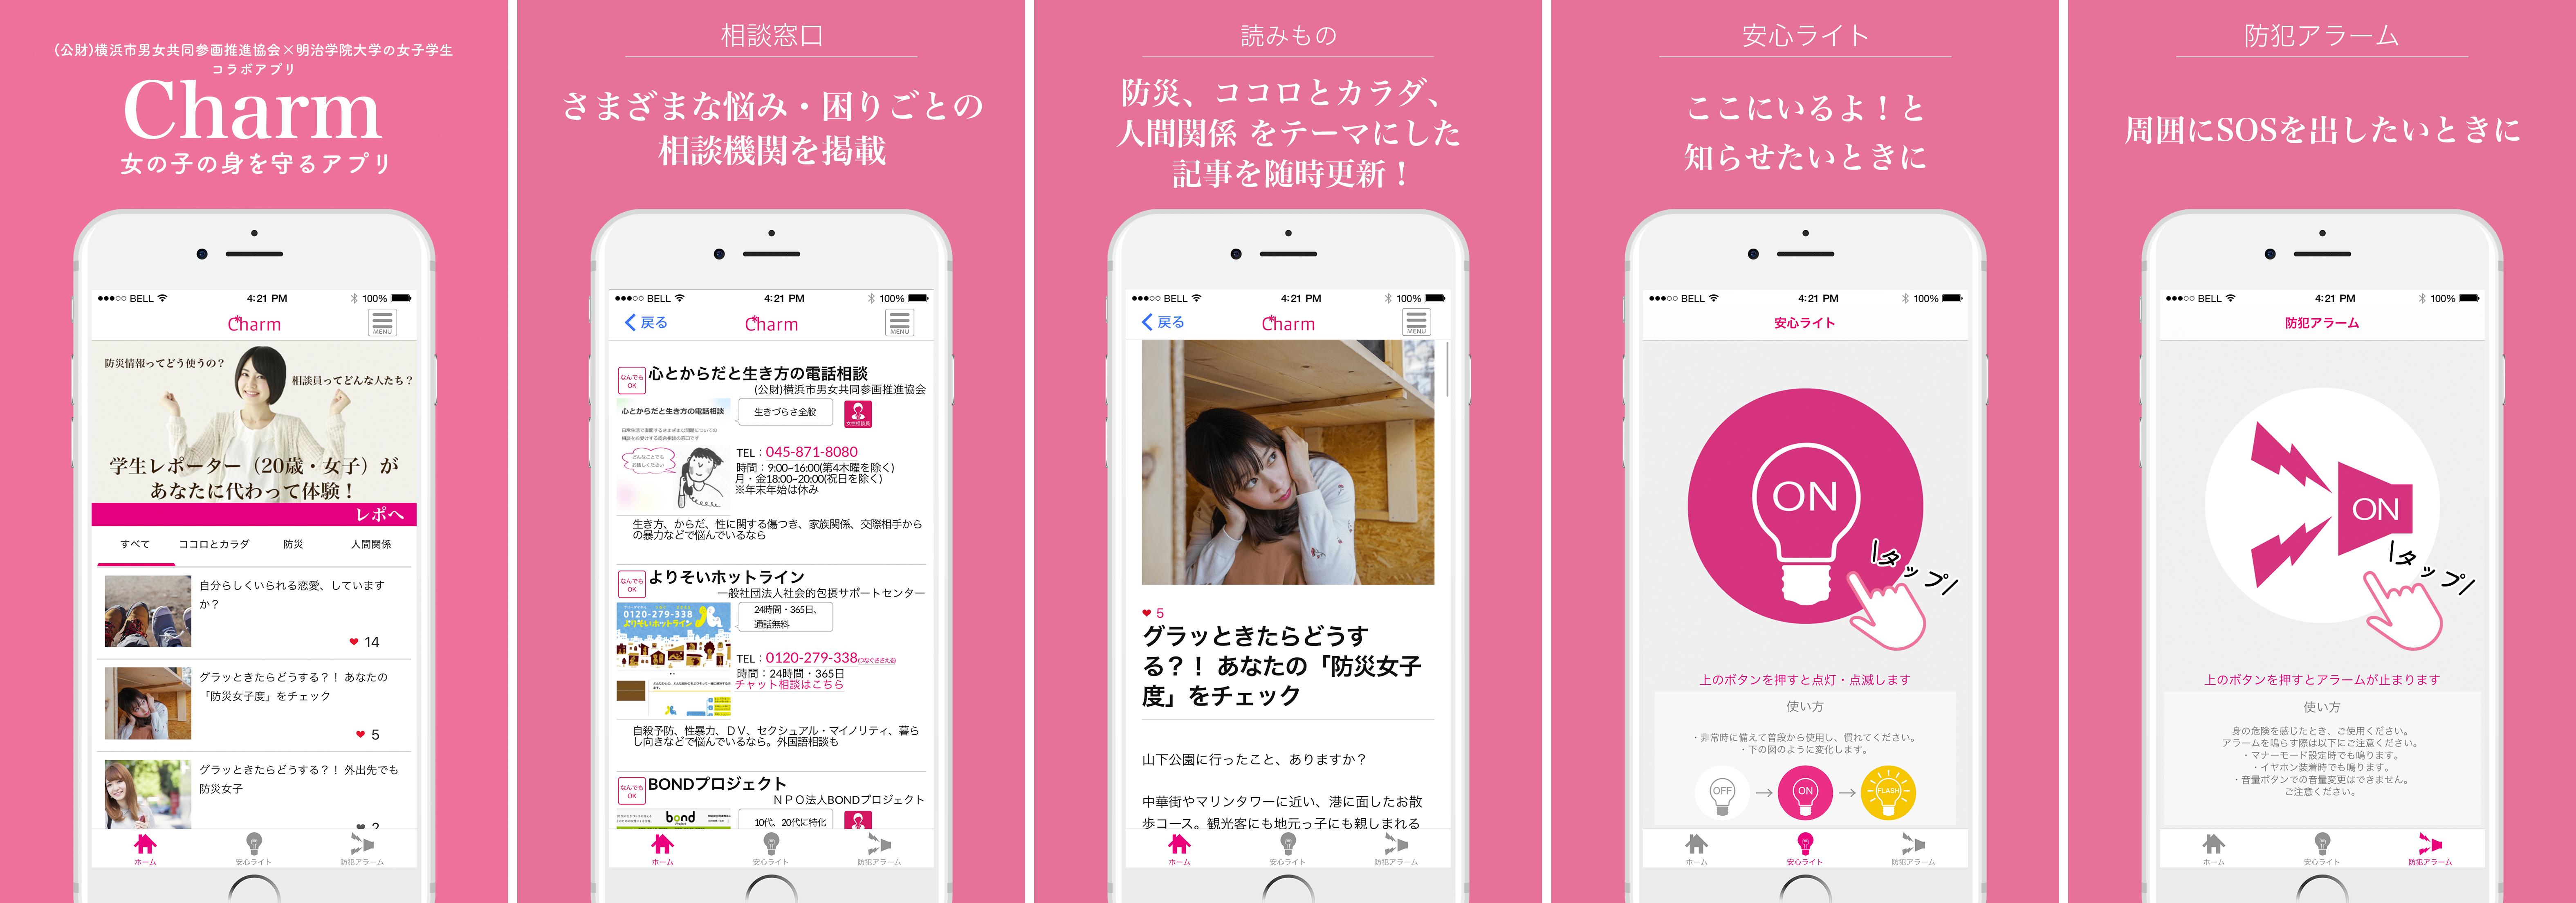 若い女性のための無料iPhoneアプリ「Charm ~女の子の身を守るアプリ」の開発を担当いたしました。